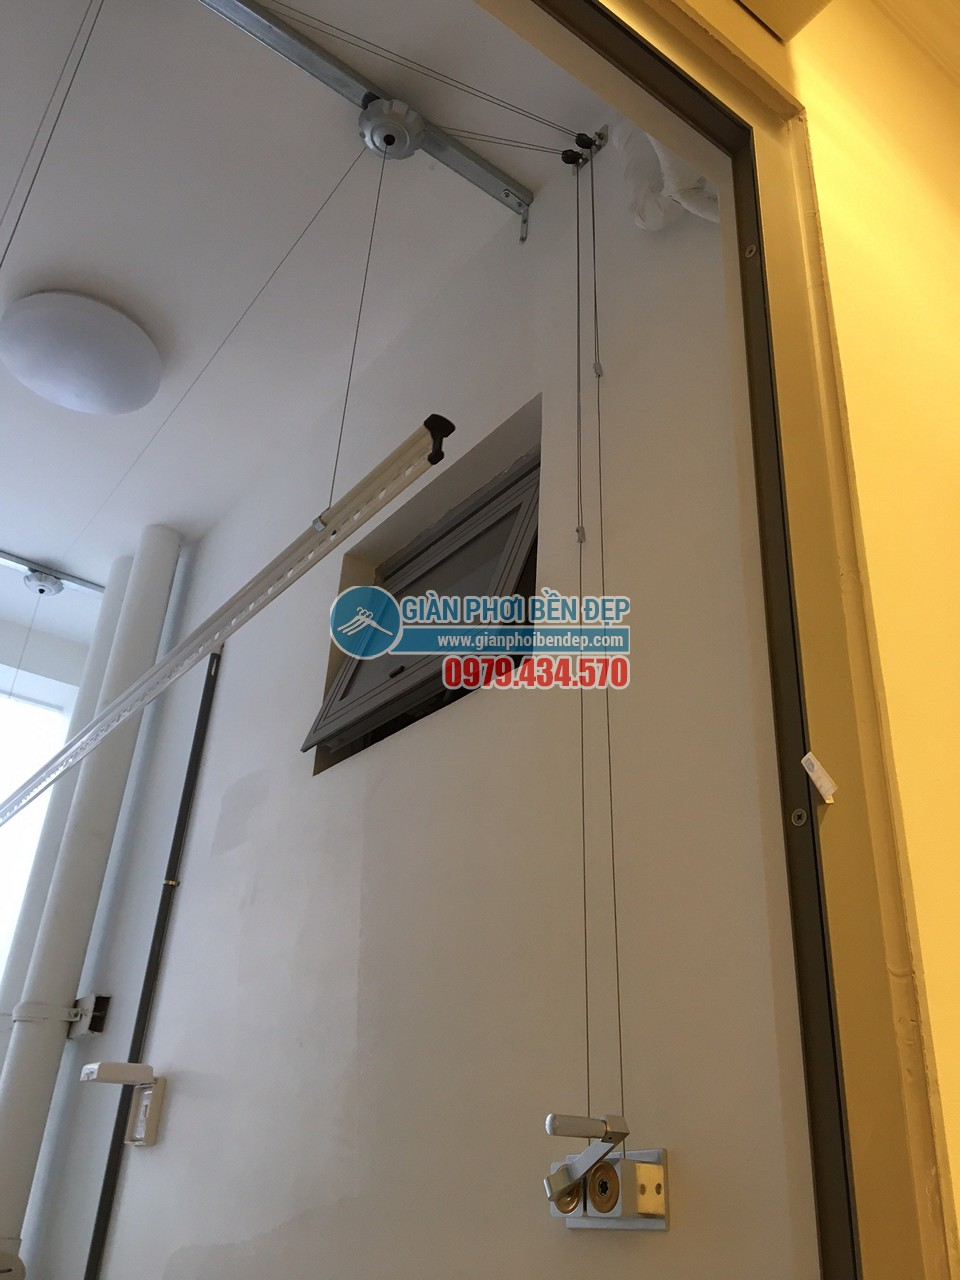 Hoàn thiện lắp đặt giàn phơi thông minh và lưới an toàn nhà chị Minh, tòa Park Hill 8 - 01